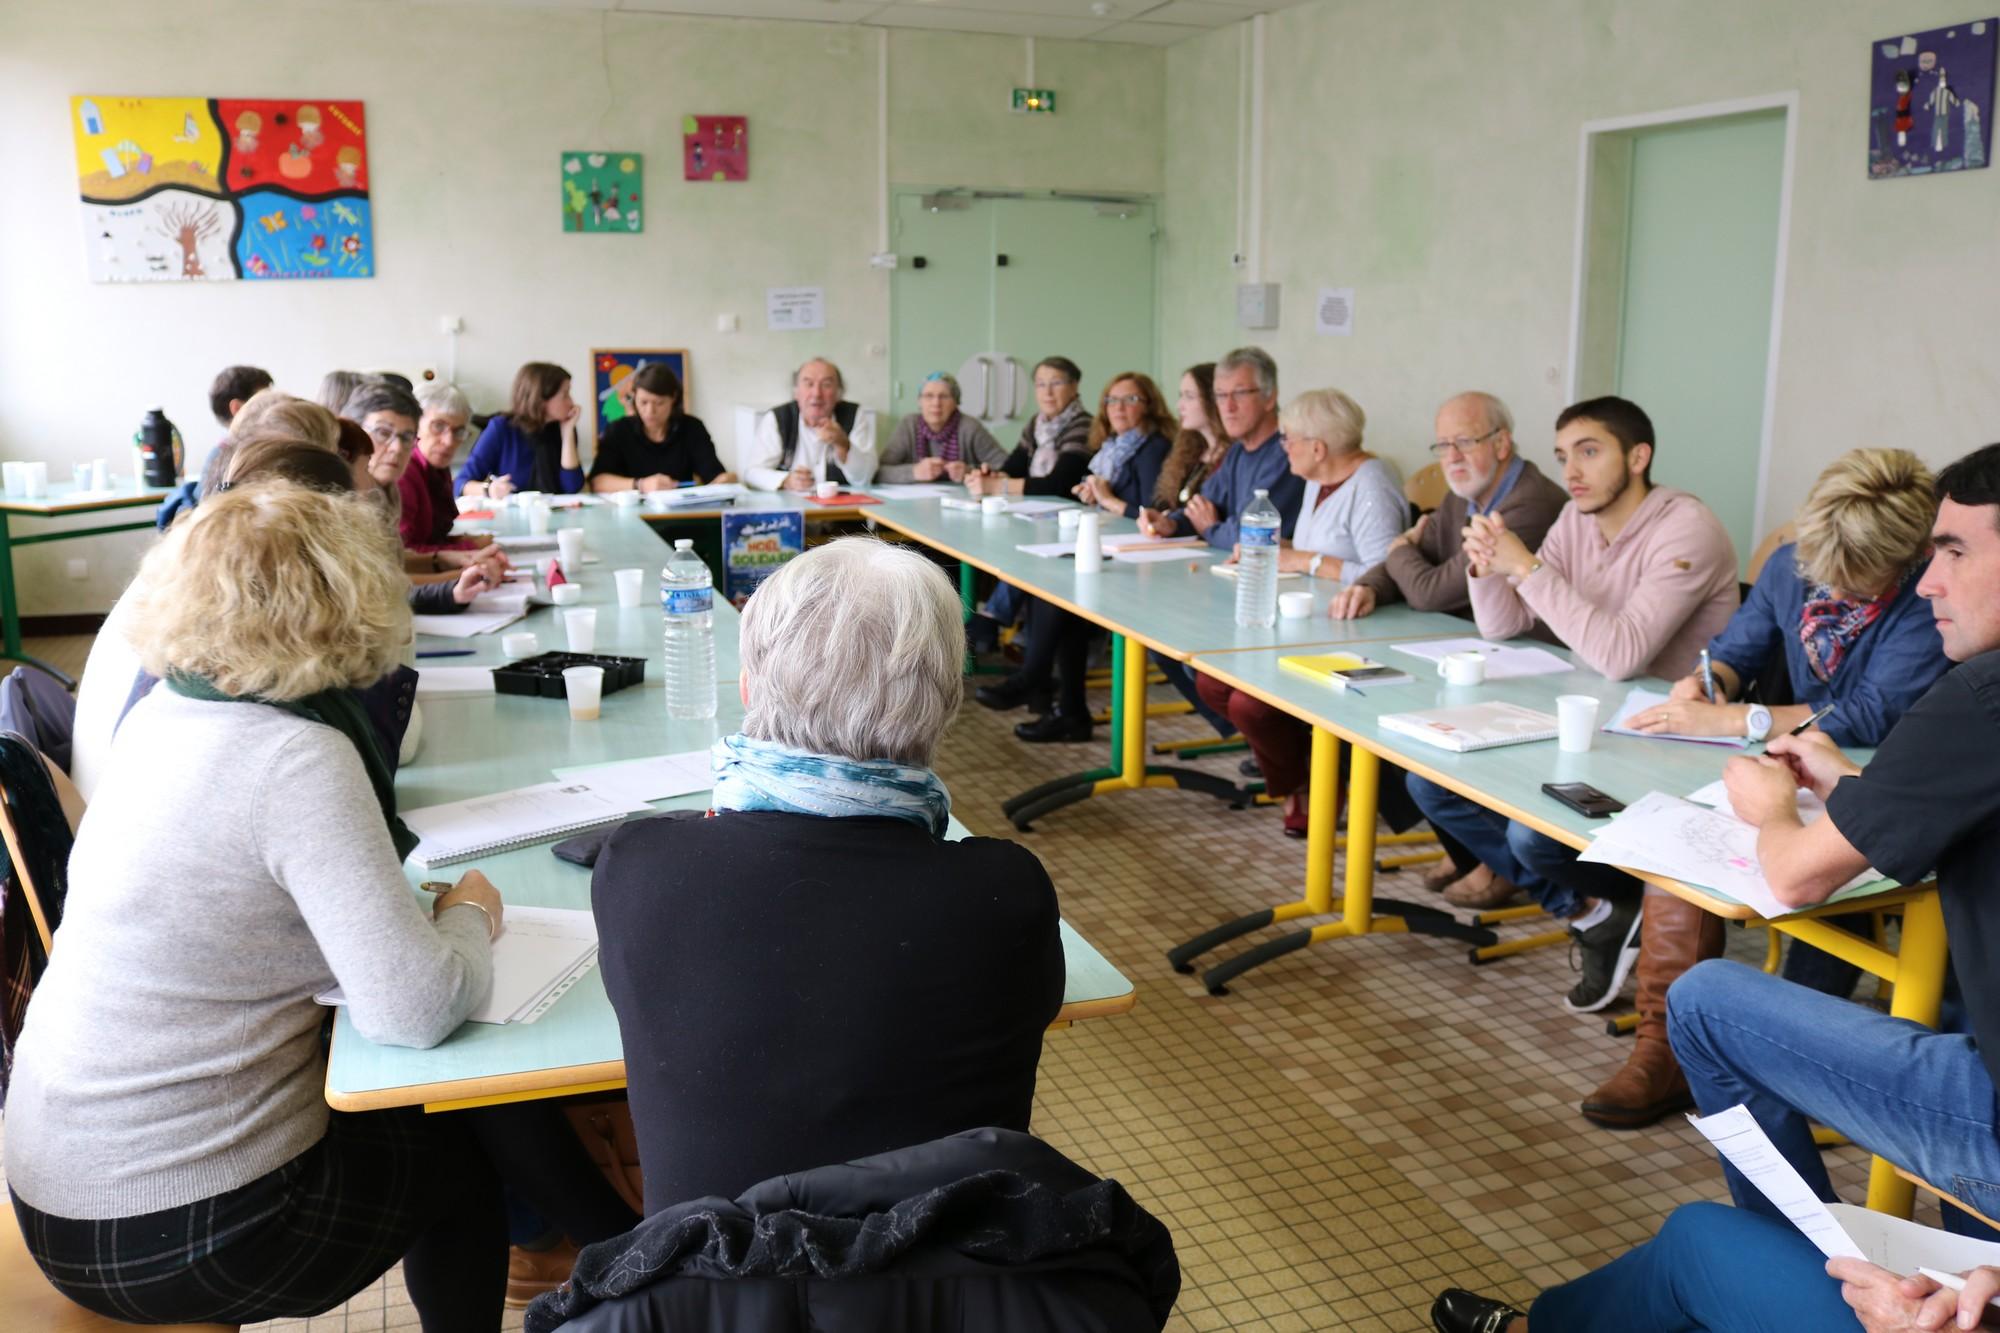 Le 9 décembre prochain à Alençon : le Noël Solidaire mobilisera une vingtaine d'associations à la Halle au Blé et mettra à l'honneur la Bibliothèque sonore d'Alençon et de l'Orne